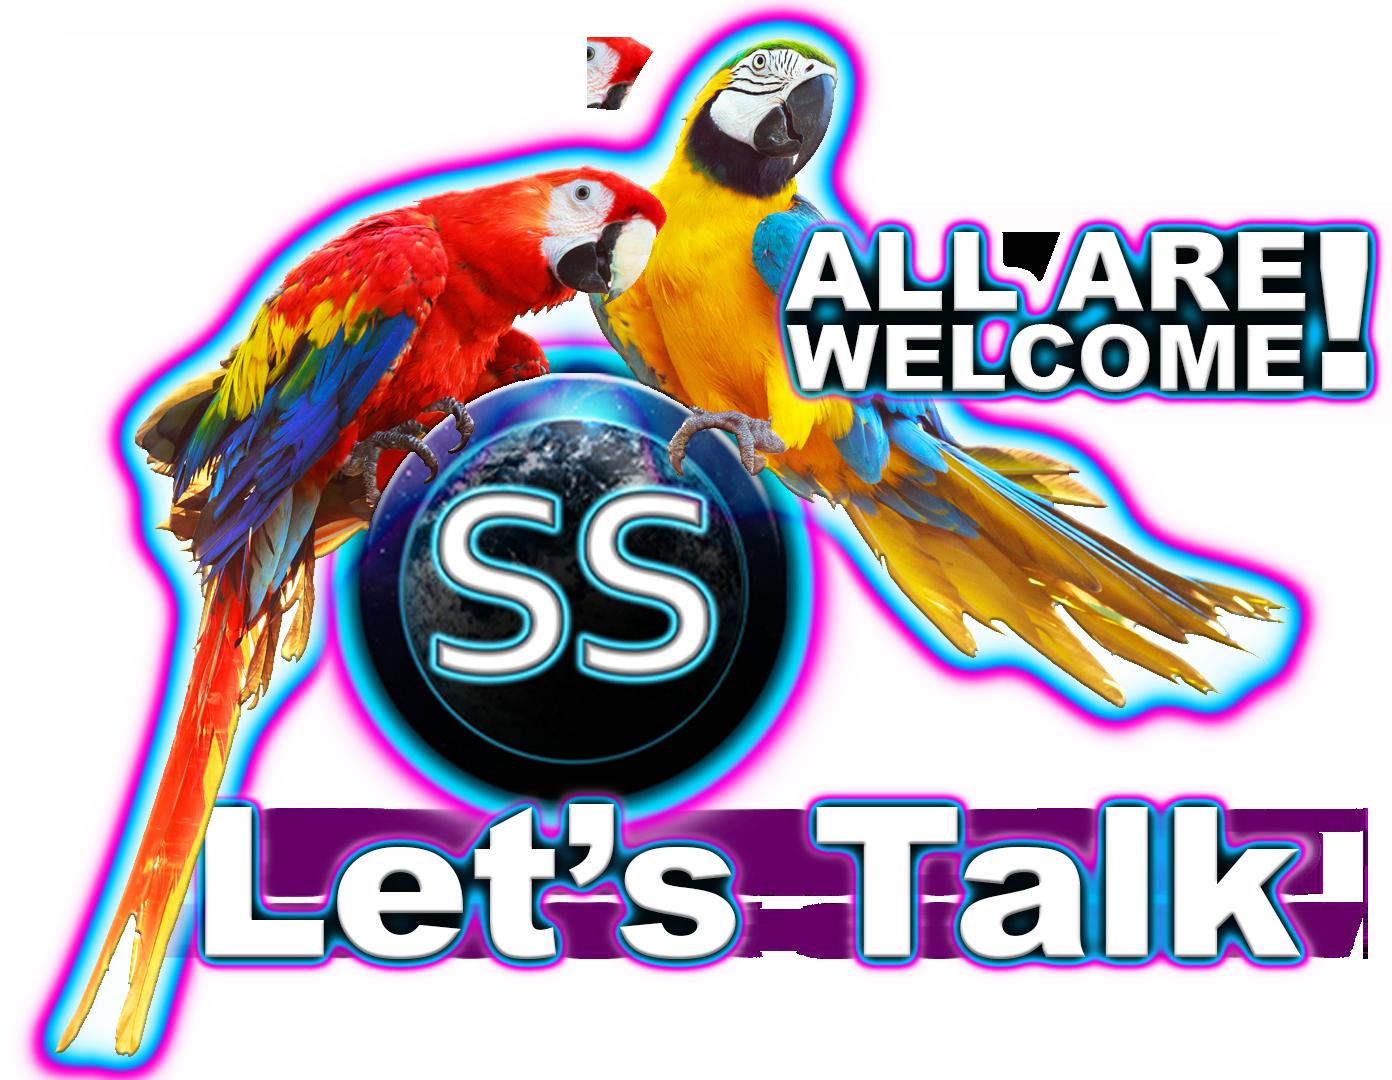 Let's talk with digital designers at skyshot digital design, website, online marketing, web content, print design, business 6